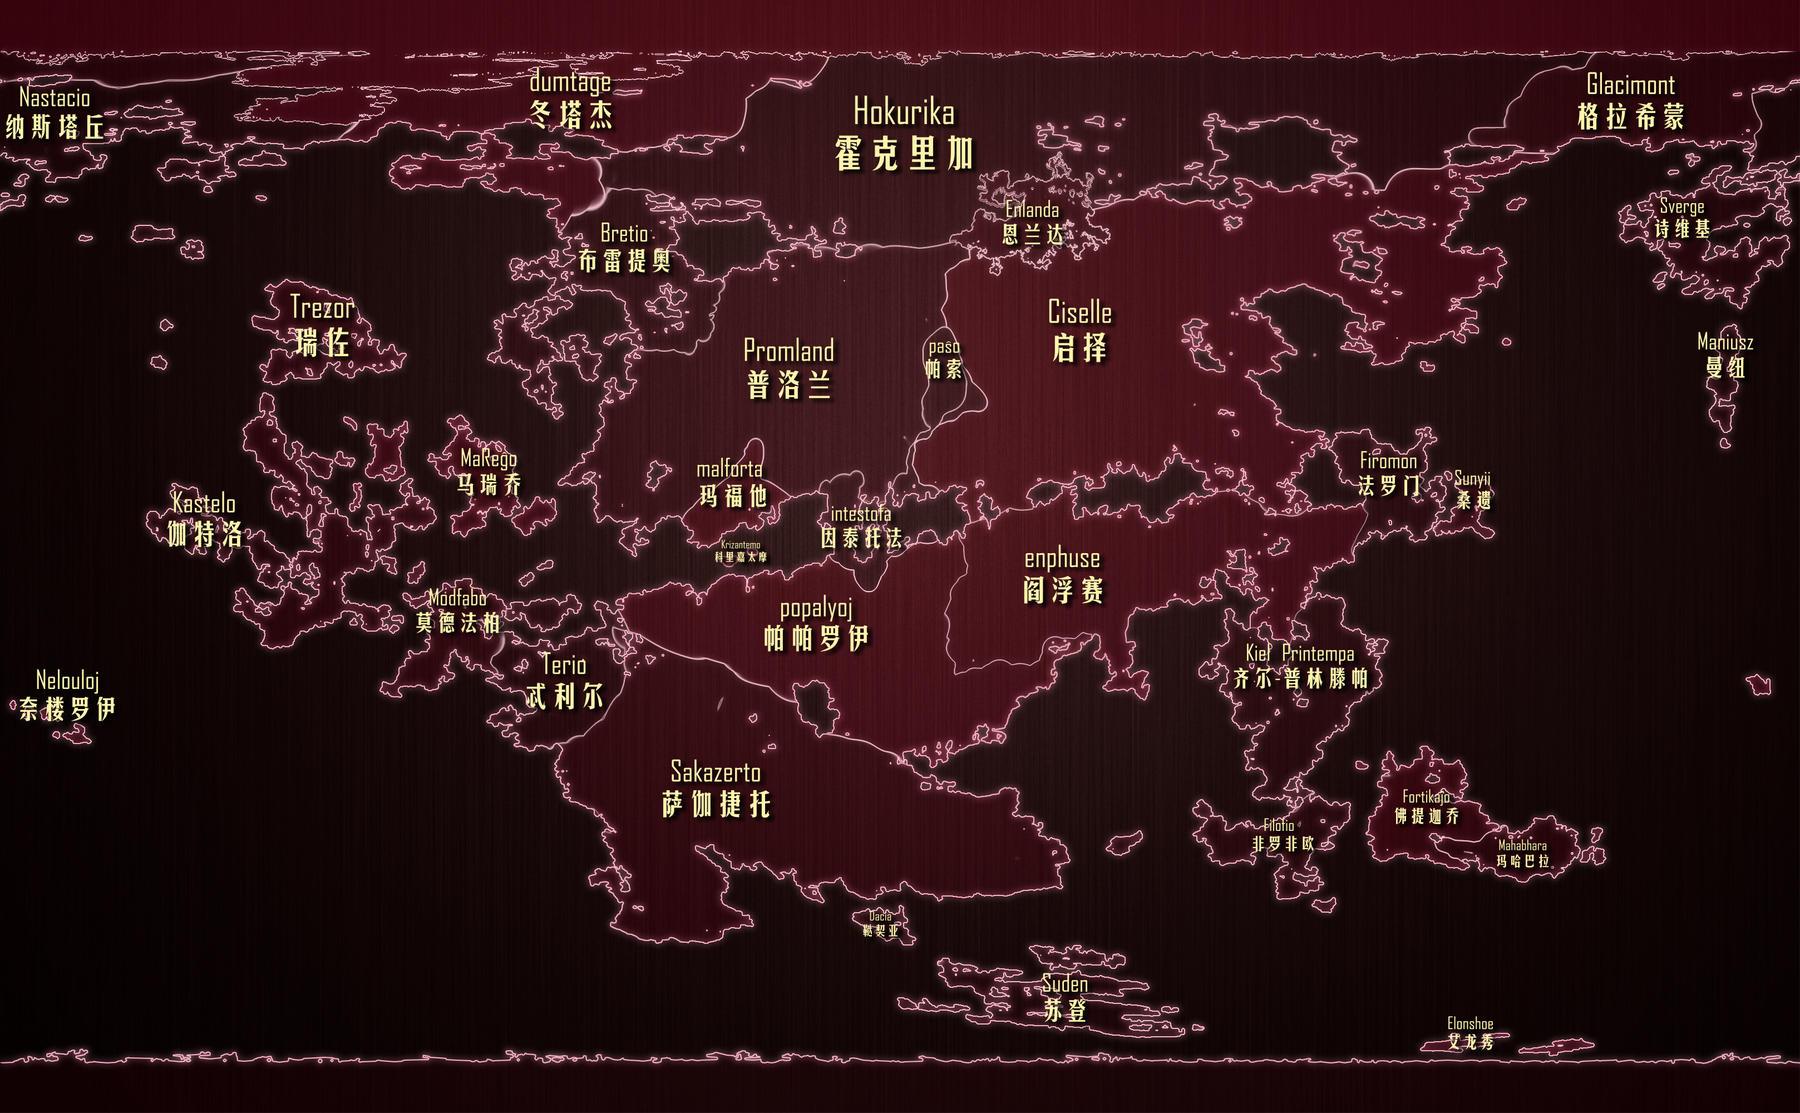 提柯诺嘉国家文明地图